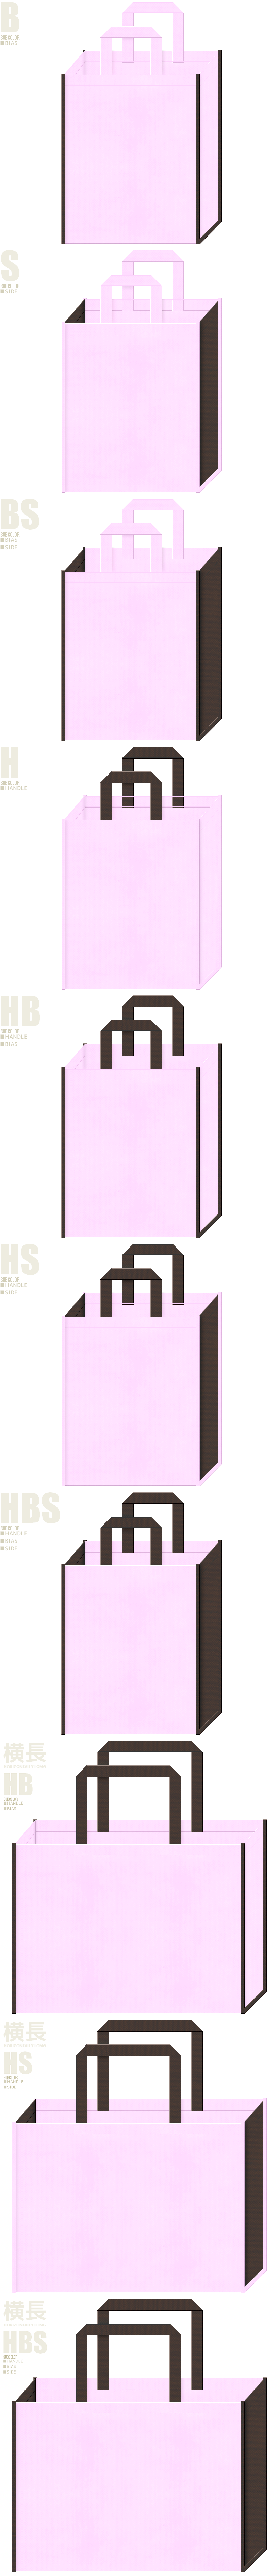 観光・花見・桜餅・いちご大福・和菓子・チョコレート・タピオカ・スイーツ・成人式・卒業式・学校・学園・オープンキャンパス・写真館・和風催事・ガーリーデザインにお奨めの不織布バッグデザイン:パステルピンク色とこげ茶色の配色7パターン。